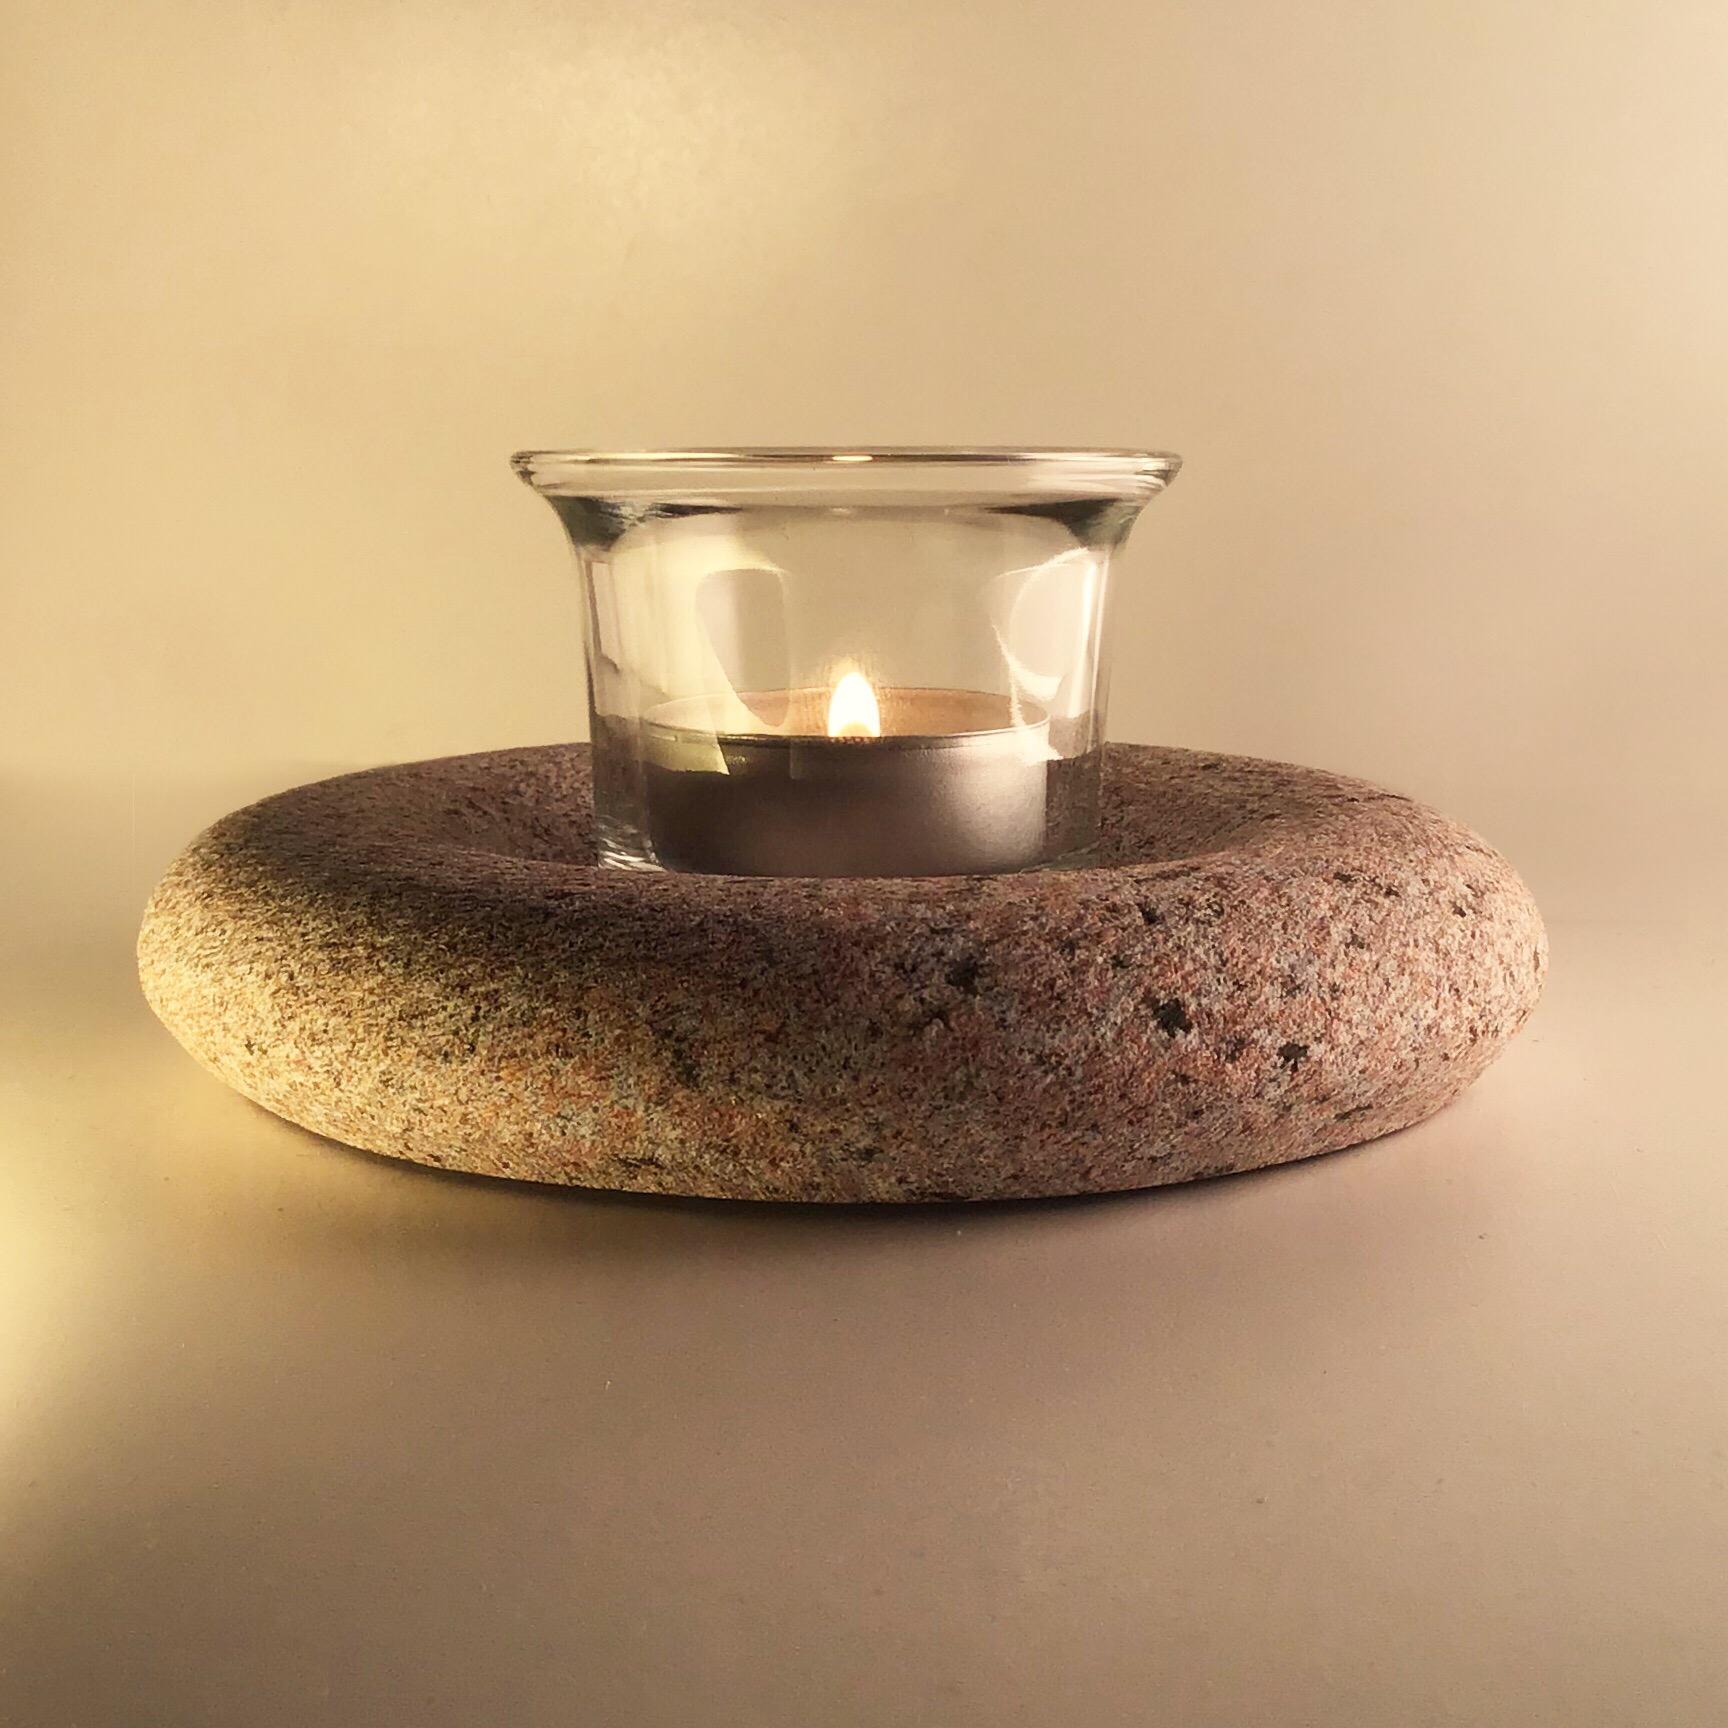 Labi kombinējams kopā ar stikla glāzīti, kas tēja sveci padara arī vējā lietojamu.